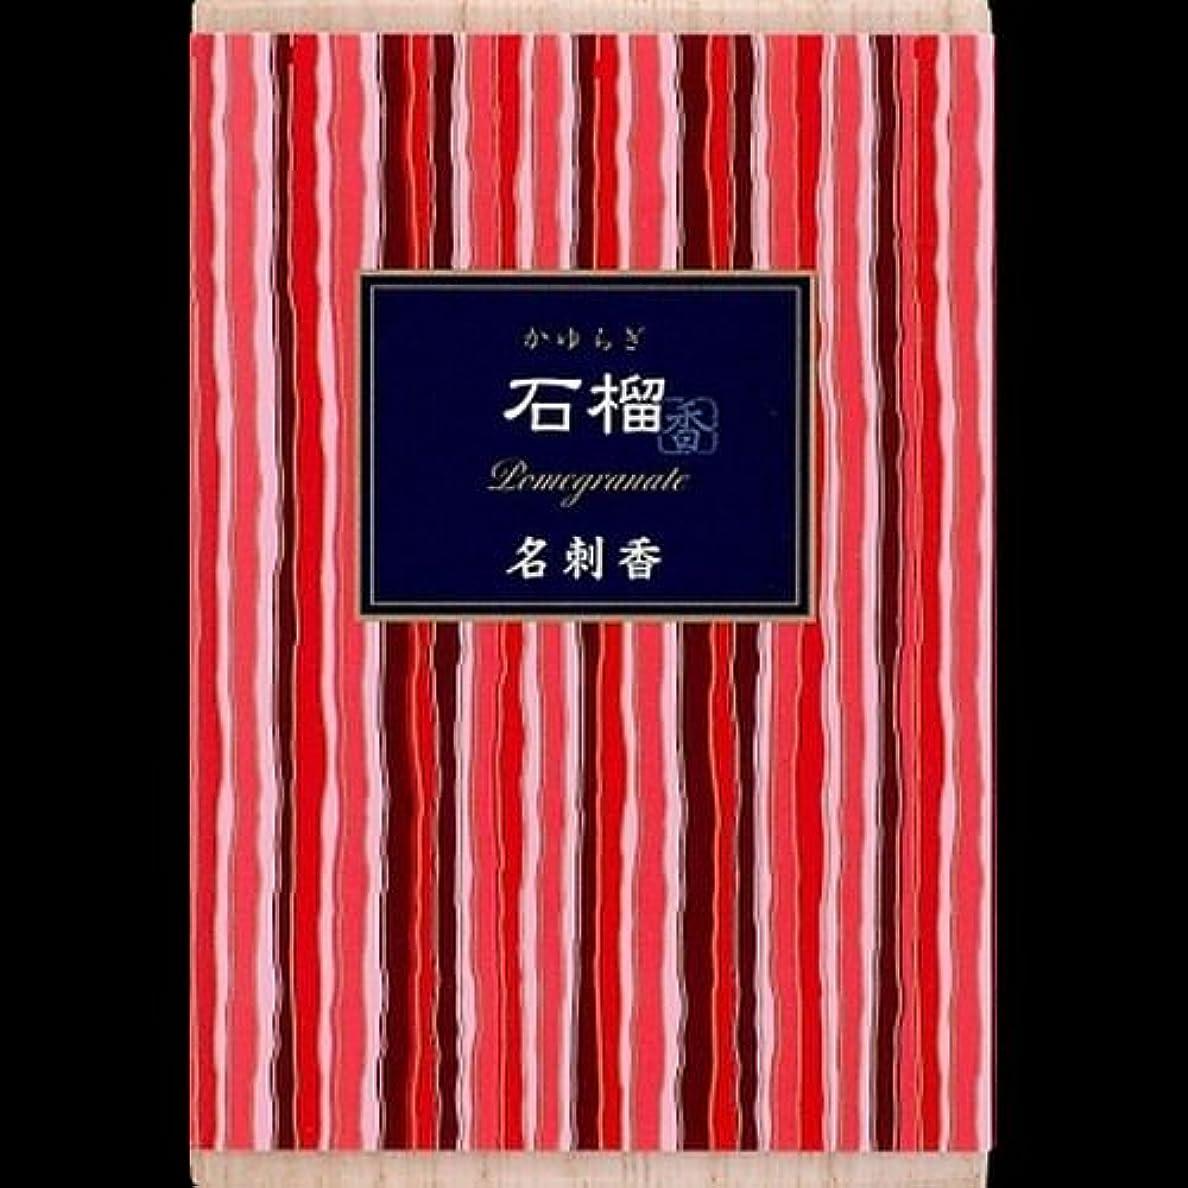 リスト爵操縦する【まとめ買い】かゆらぎ 石榴 名刺香 桐箱 6入 ×2セット